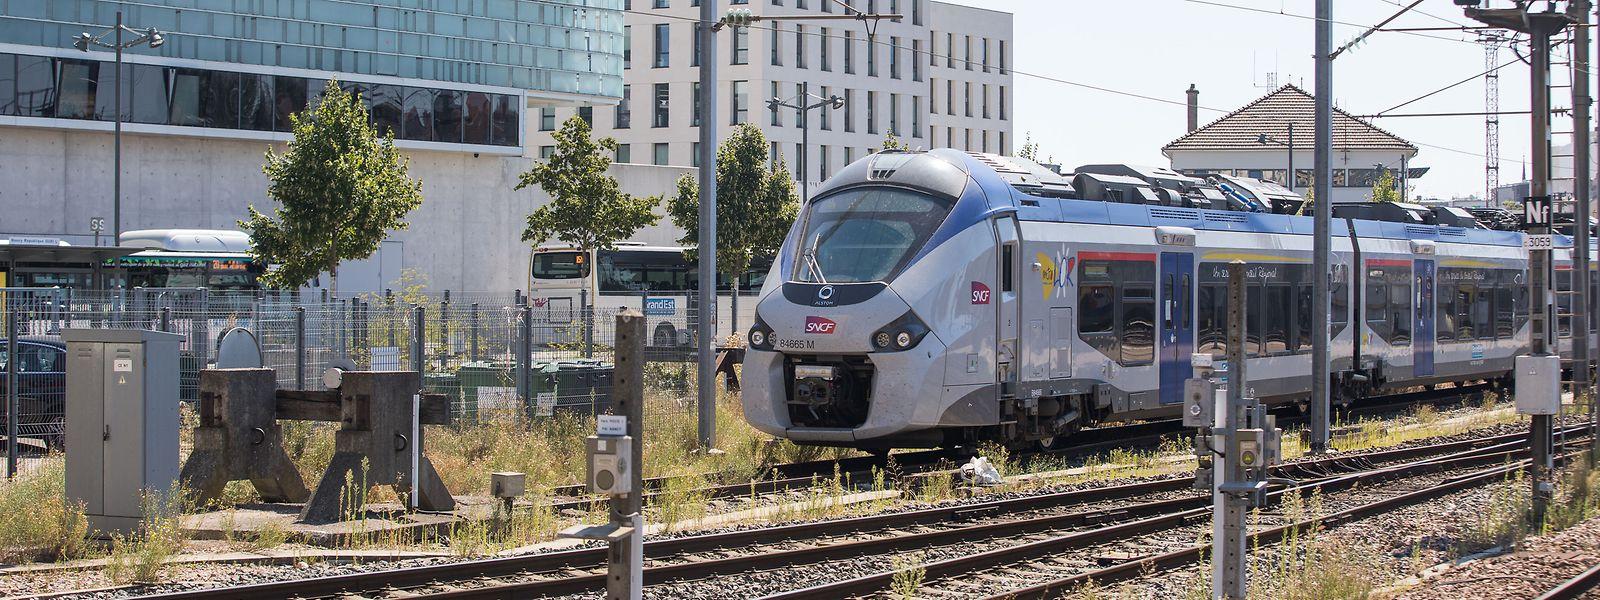 Chaque année, 4,5 millions de passagers relient Luxembourg à Thionville en train, selon les données des CFL.